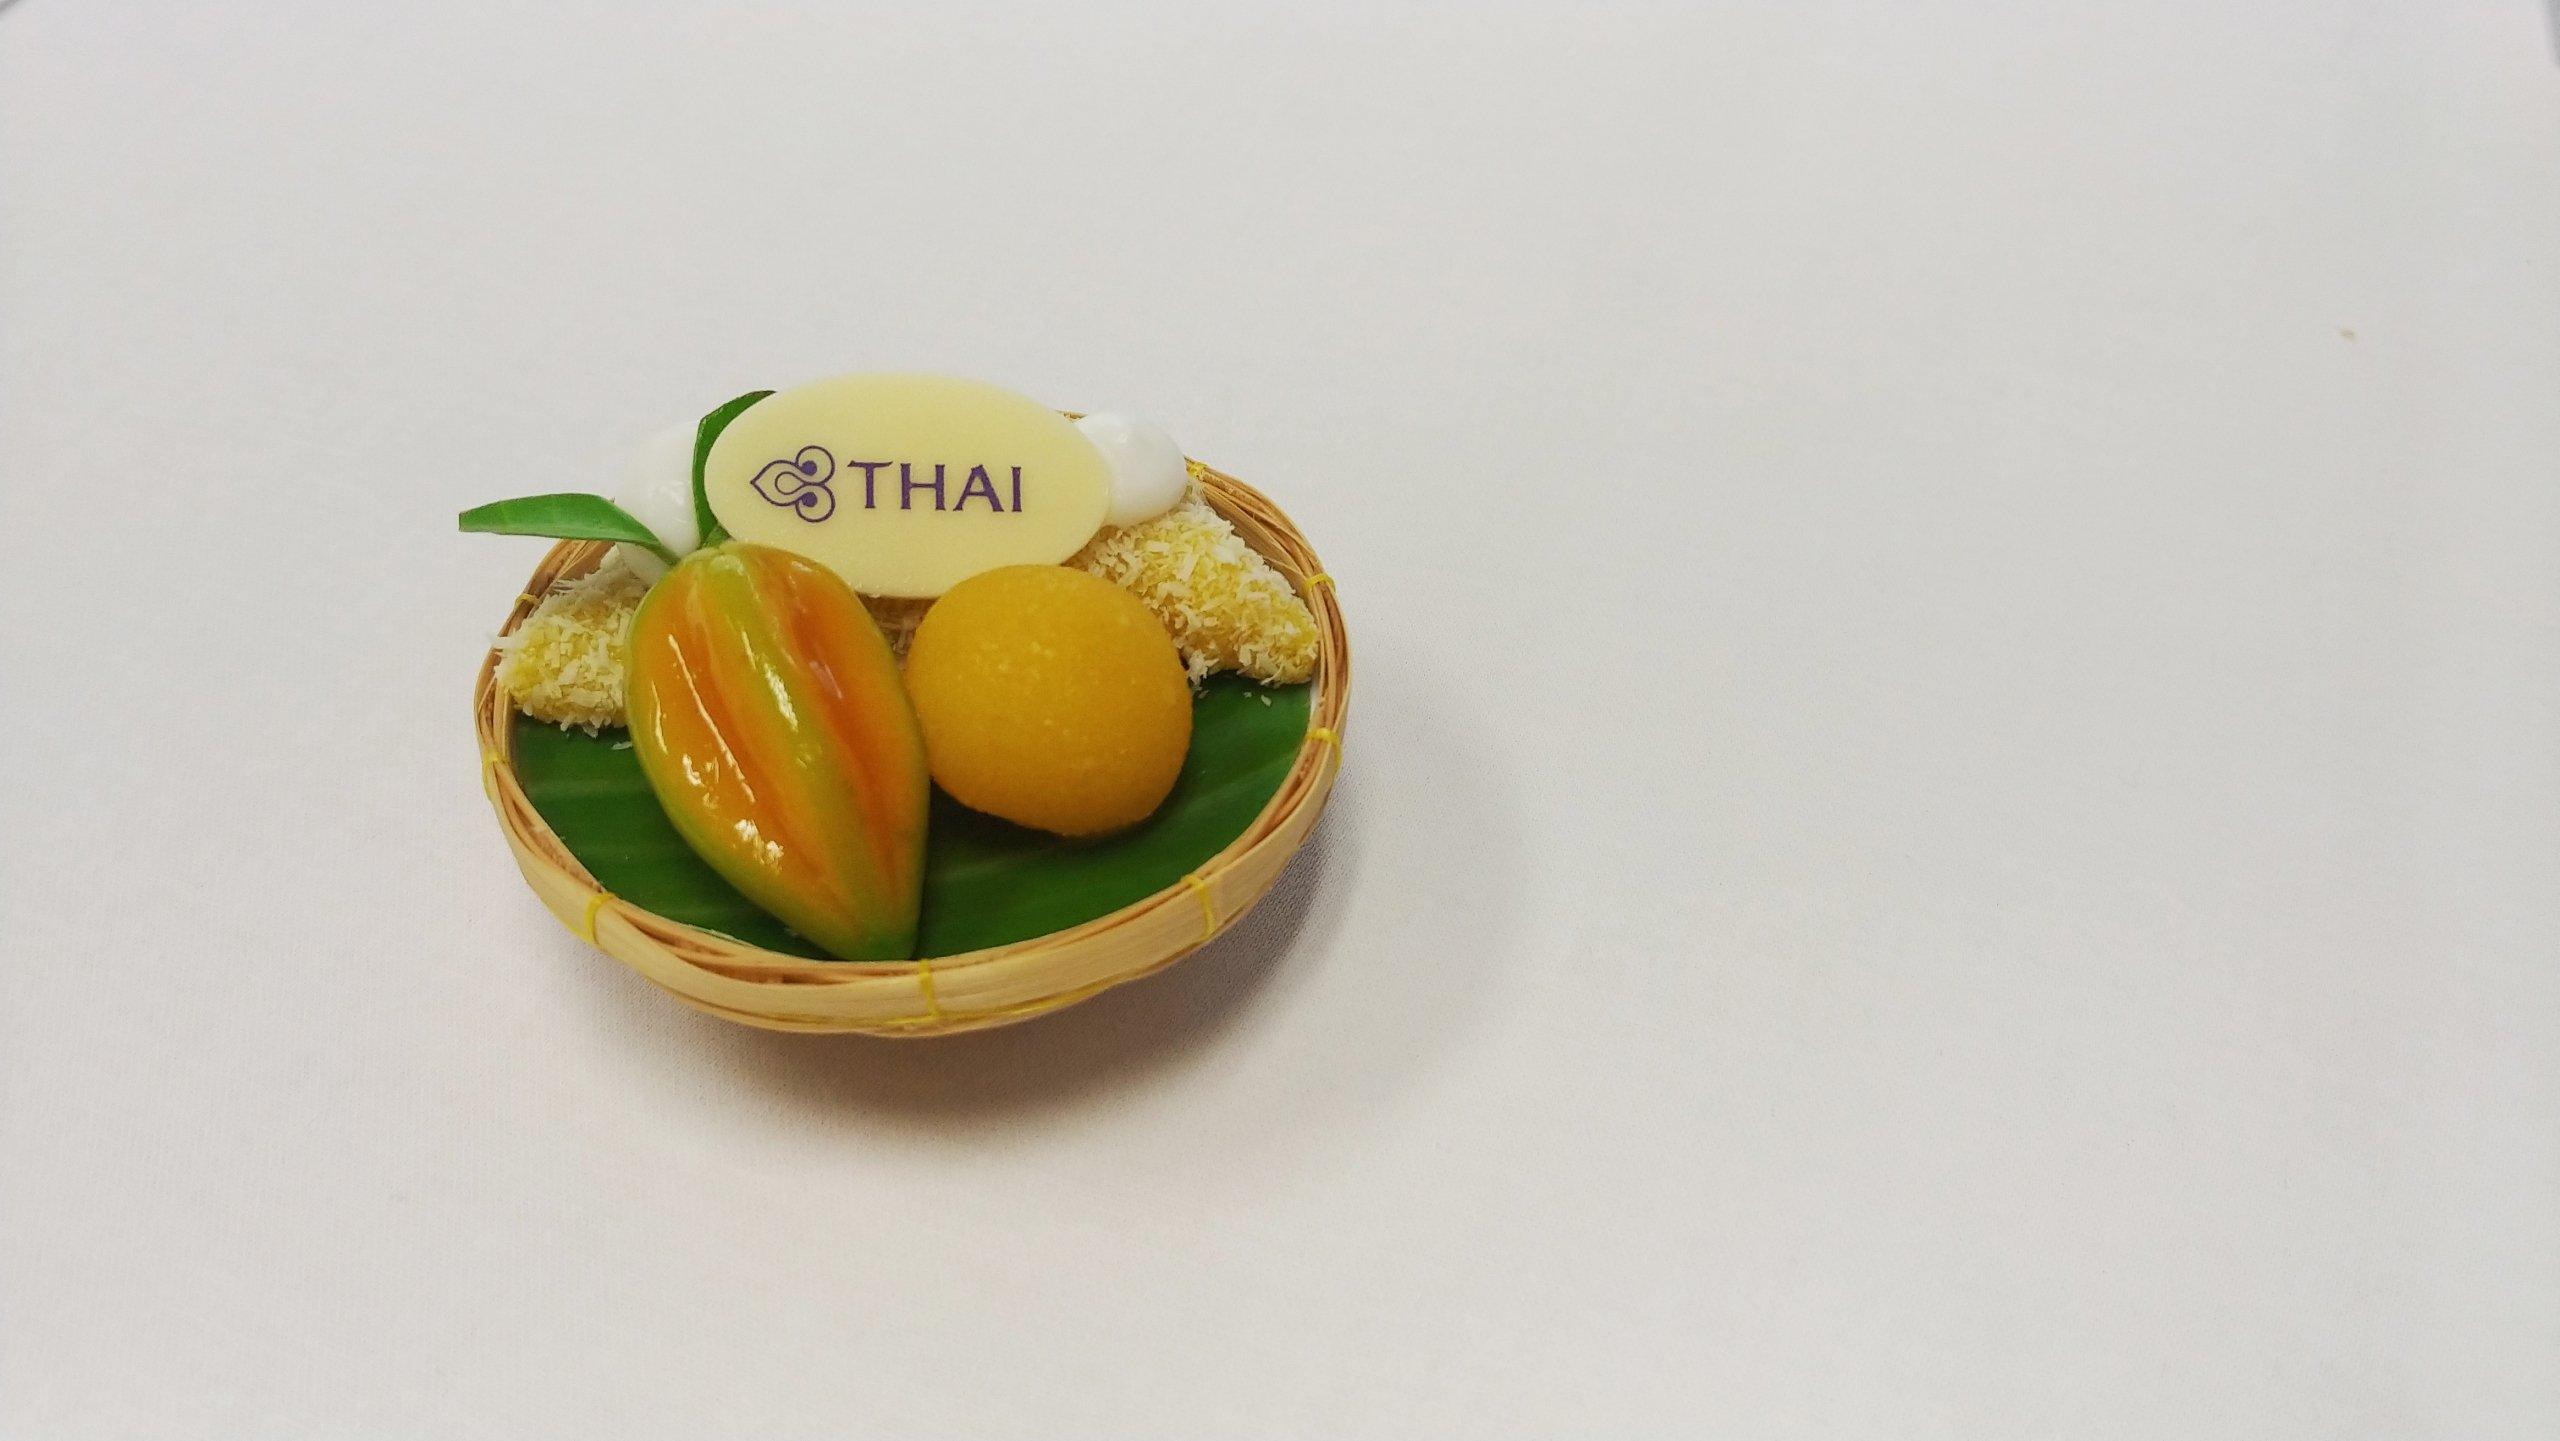 Thai Airways inflight desserts